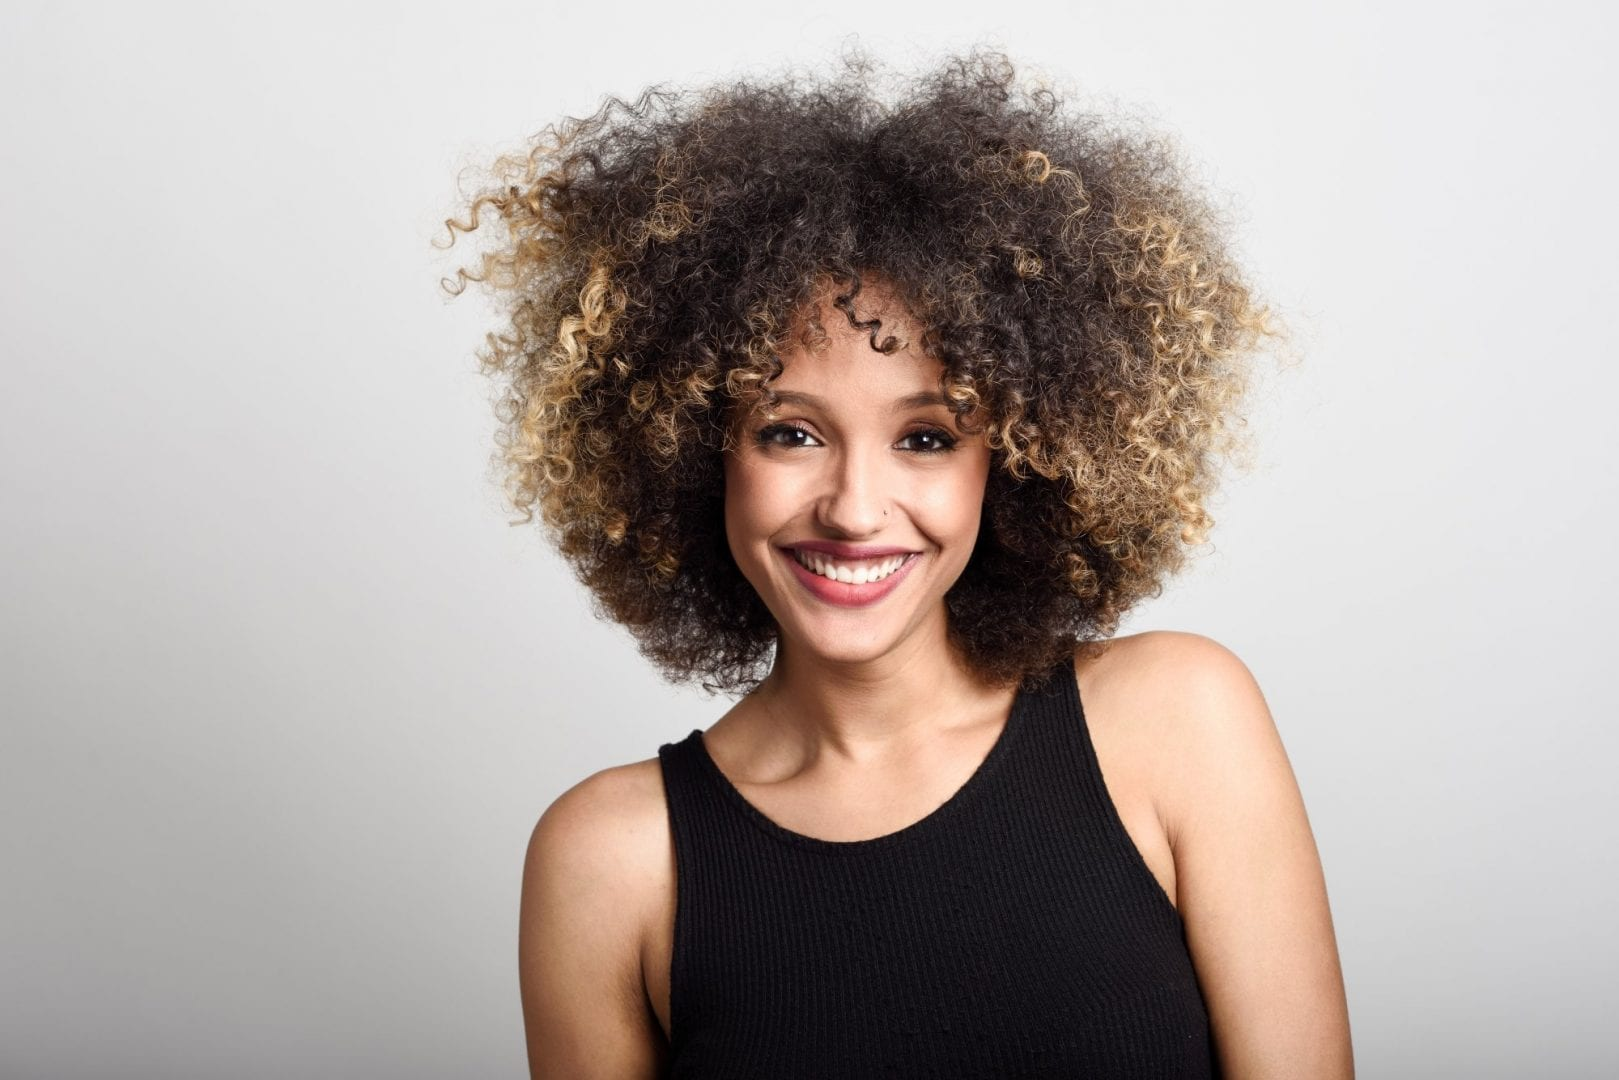 5 cuidados que lhe ajudaram a manter os cabelos crespos maravilhosos